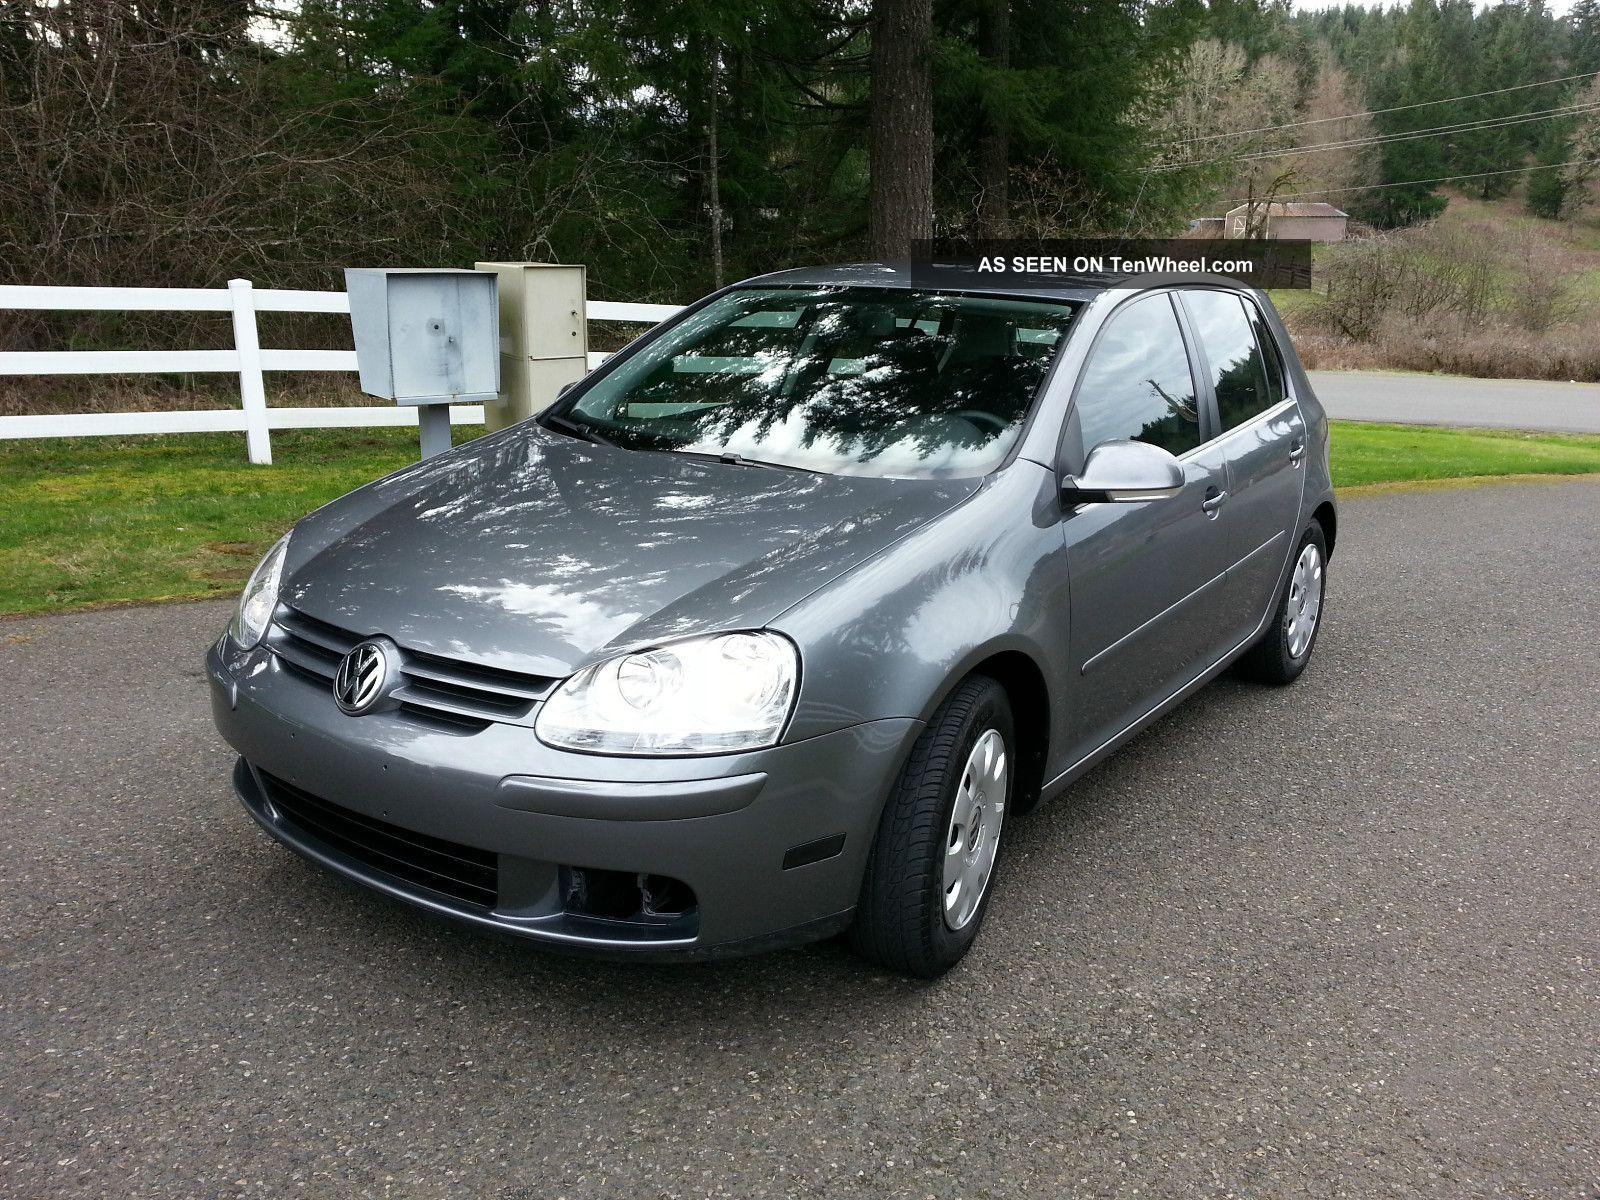 2008 Volkswagen Rabbit S Hatchback 4 Door 2 5l In Very